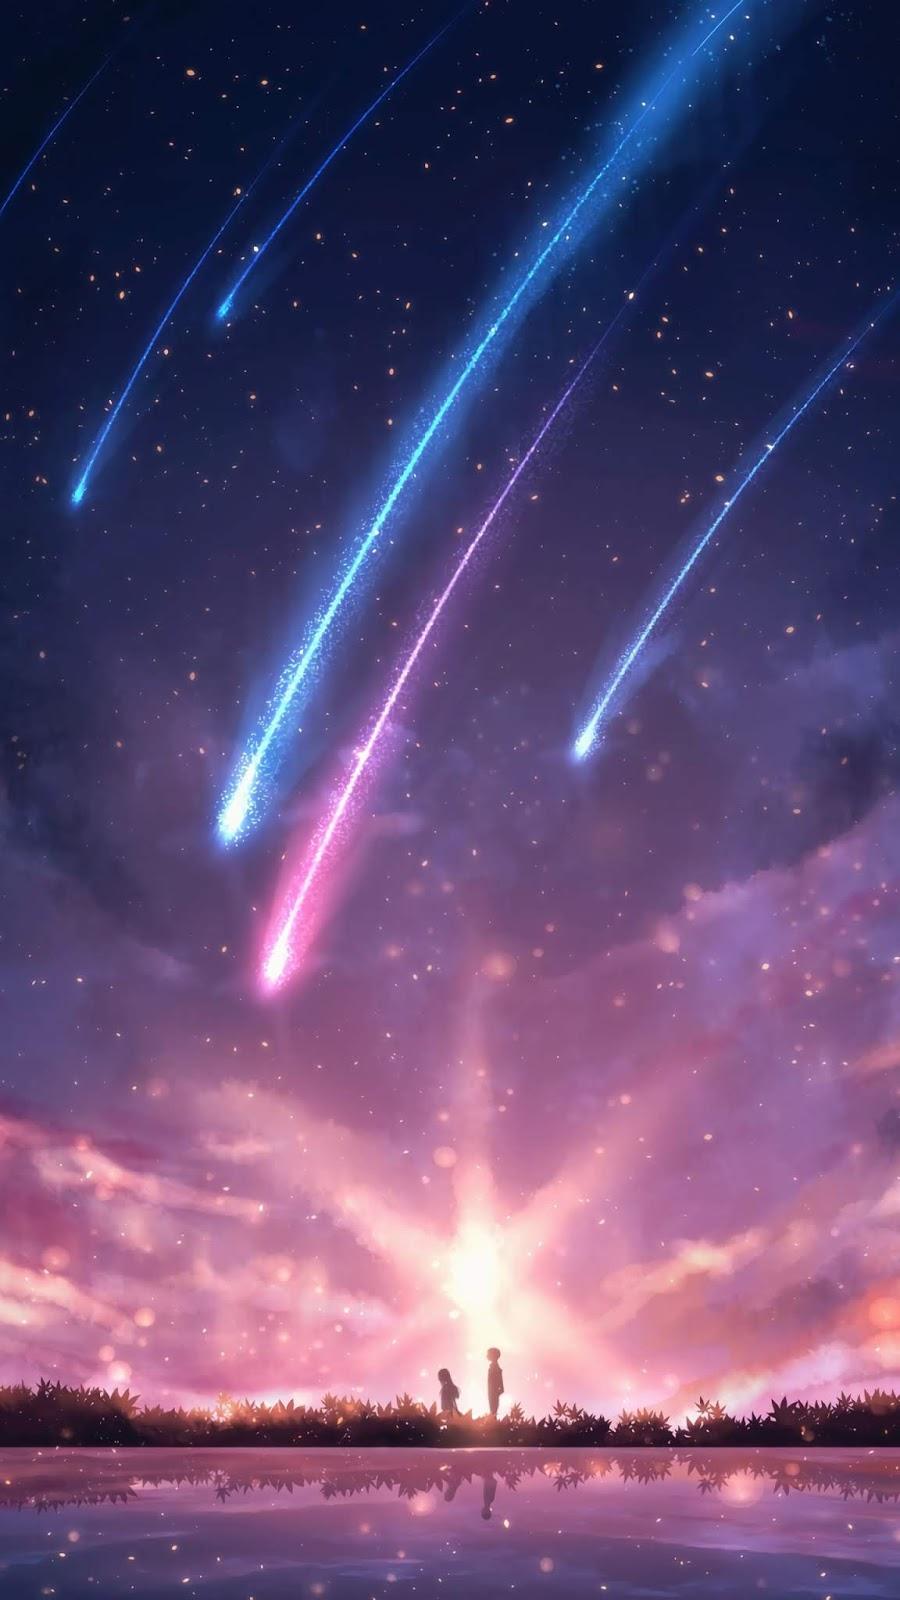 Starfall in the night